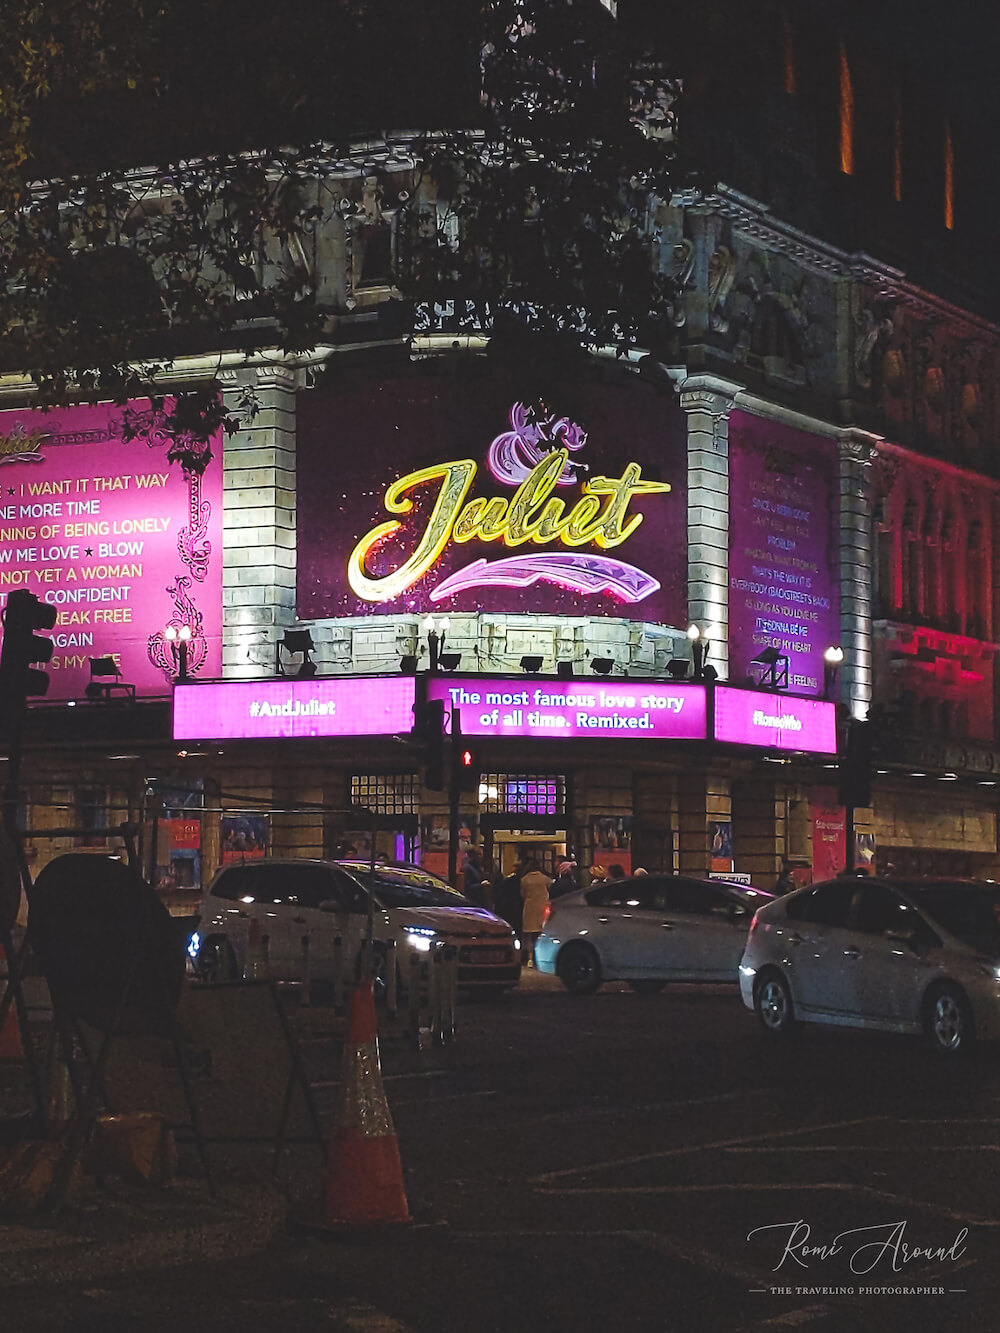 מחזות זמר שווים בלונדון - אנד ג׳ולייט